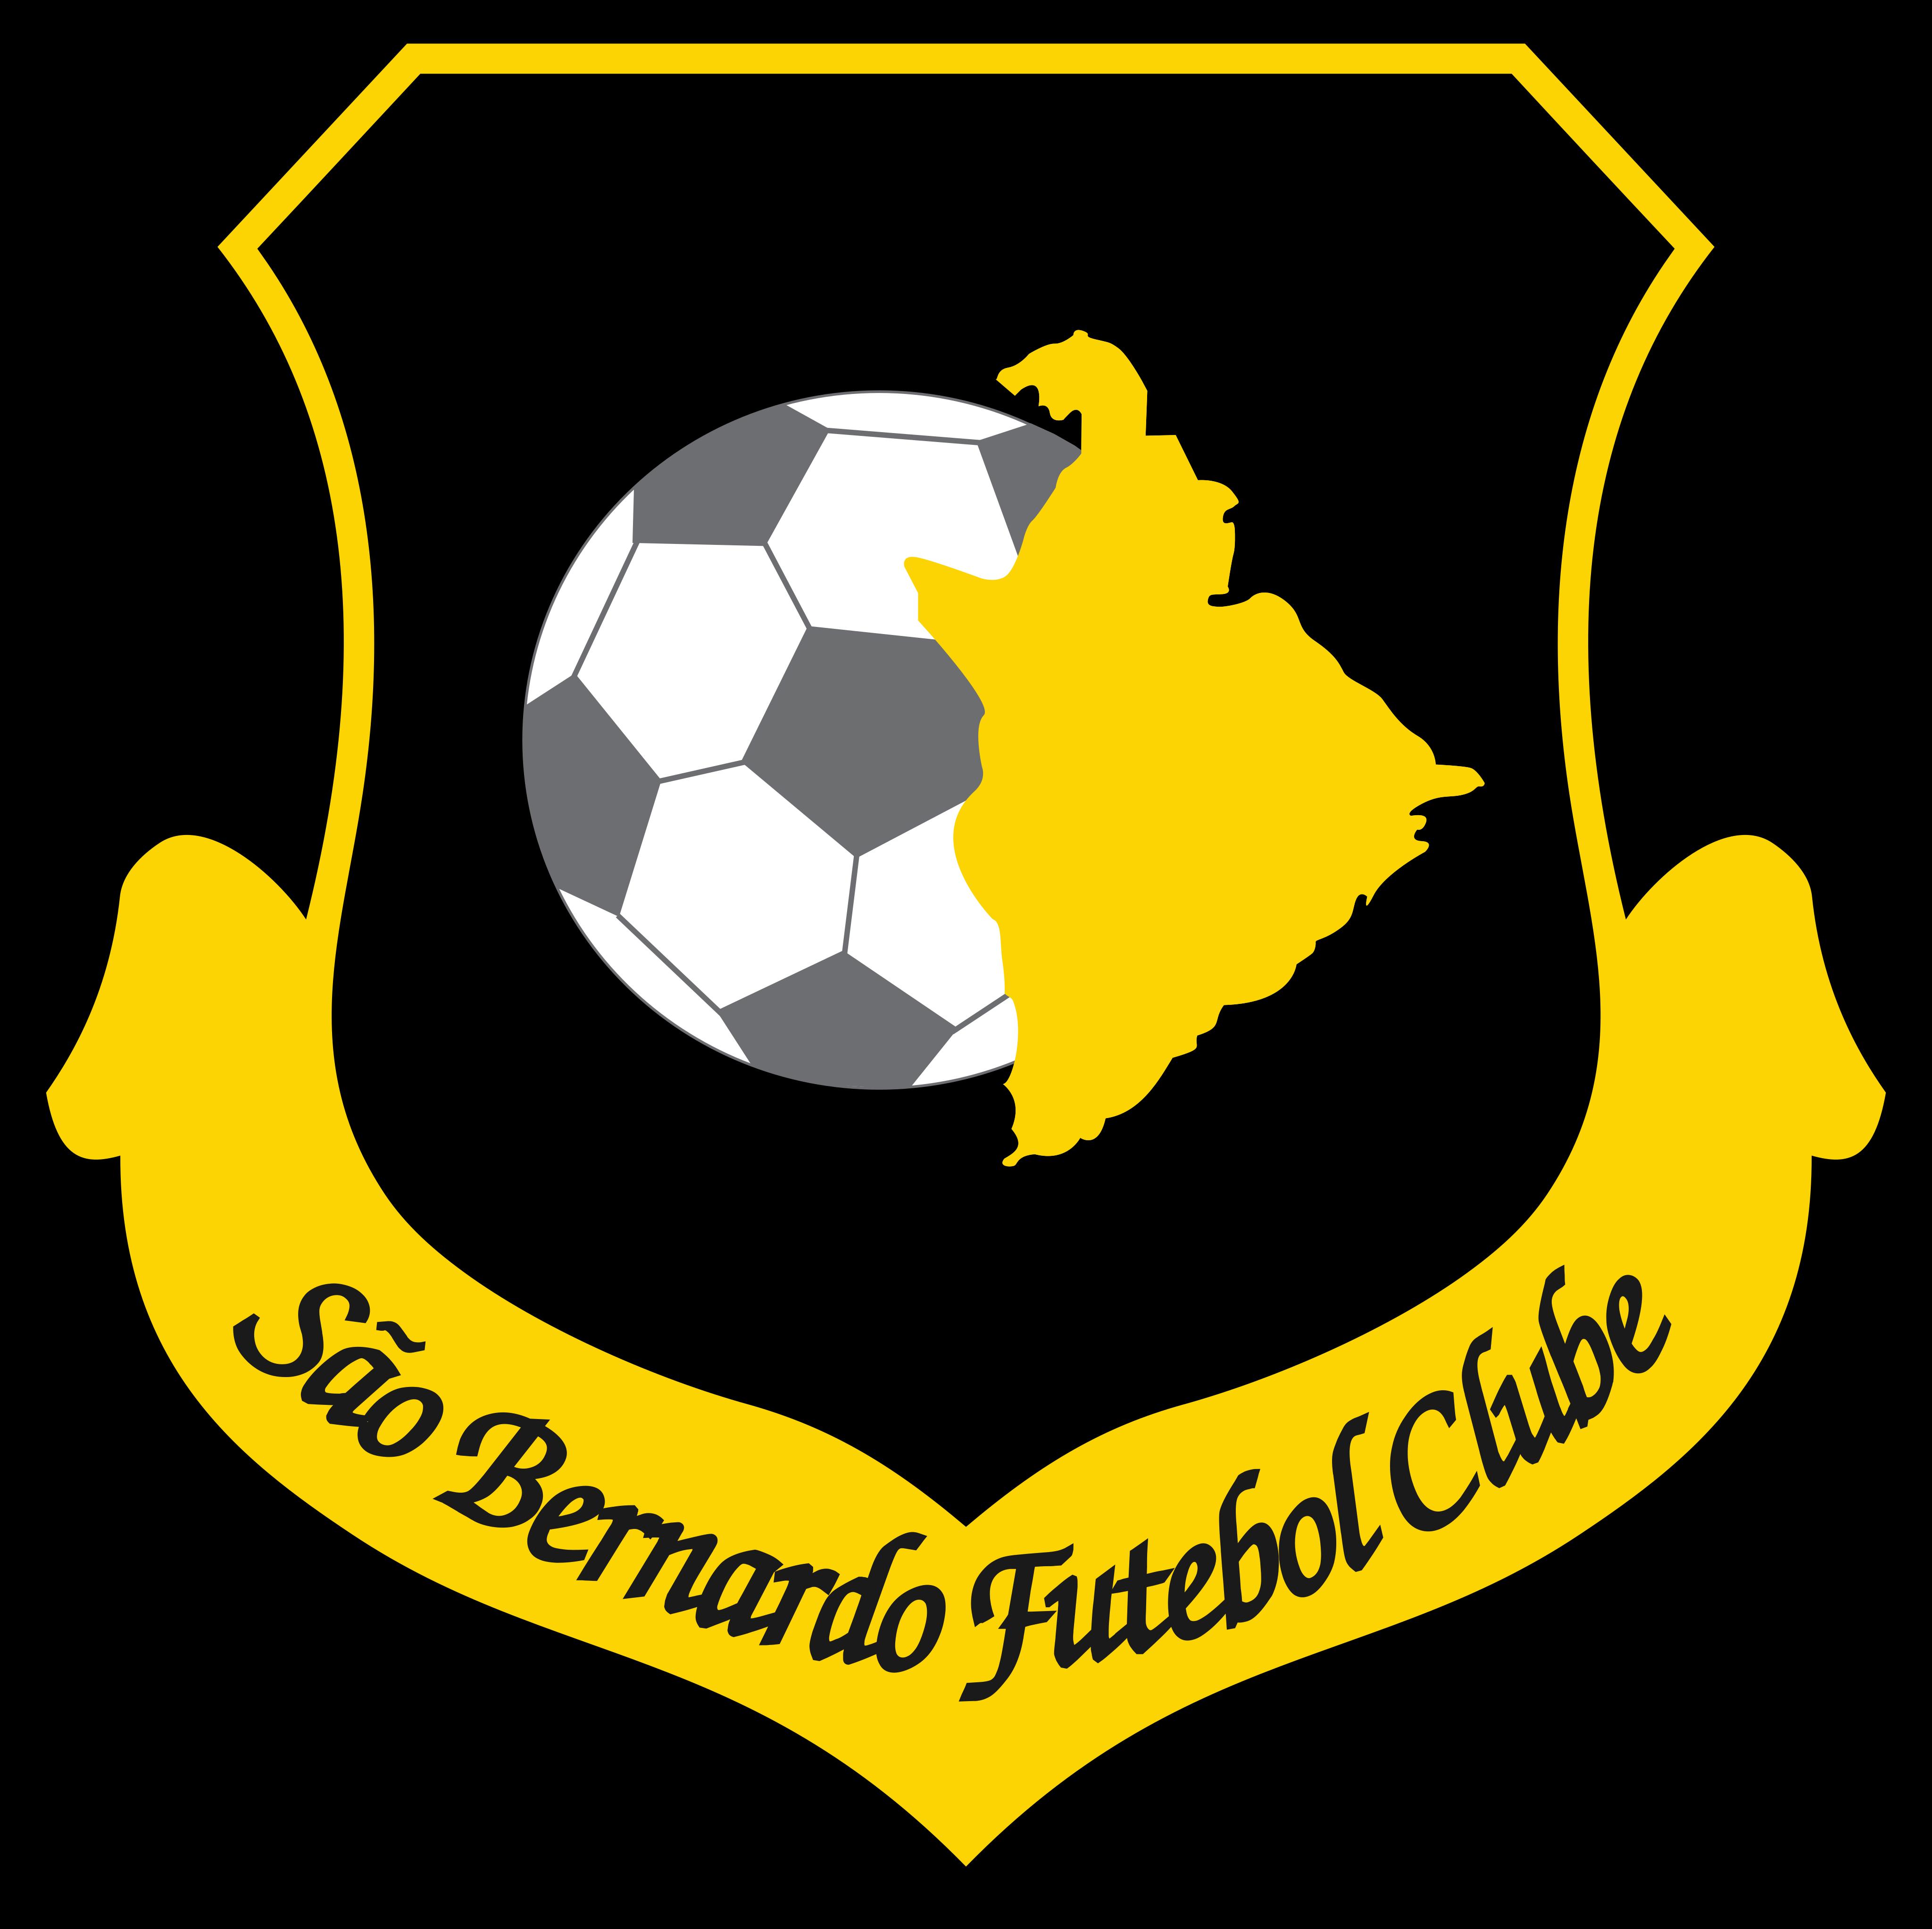 São Bernardo FC Logo.